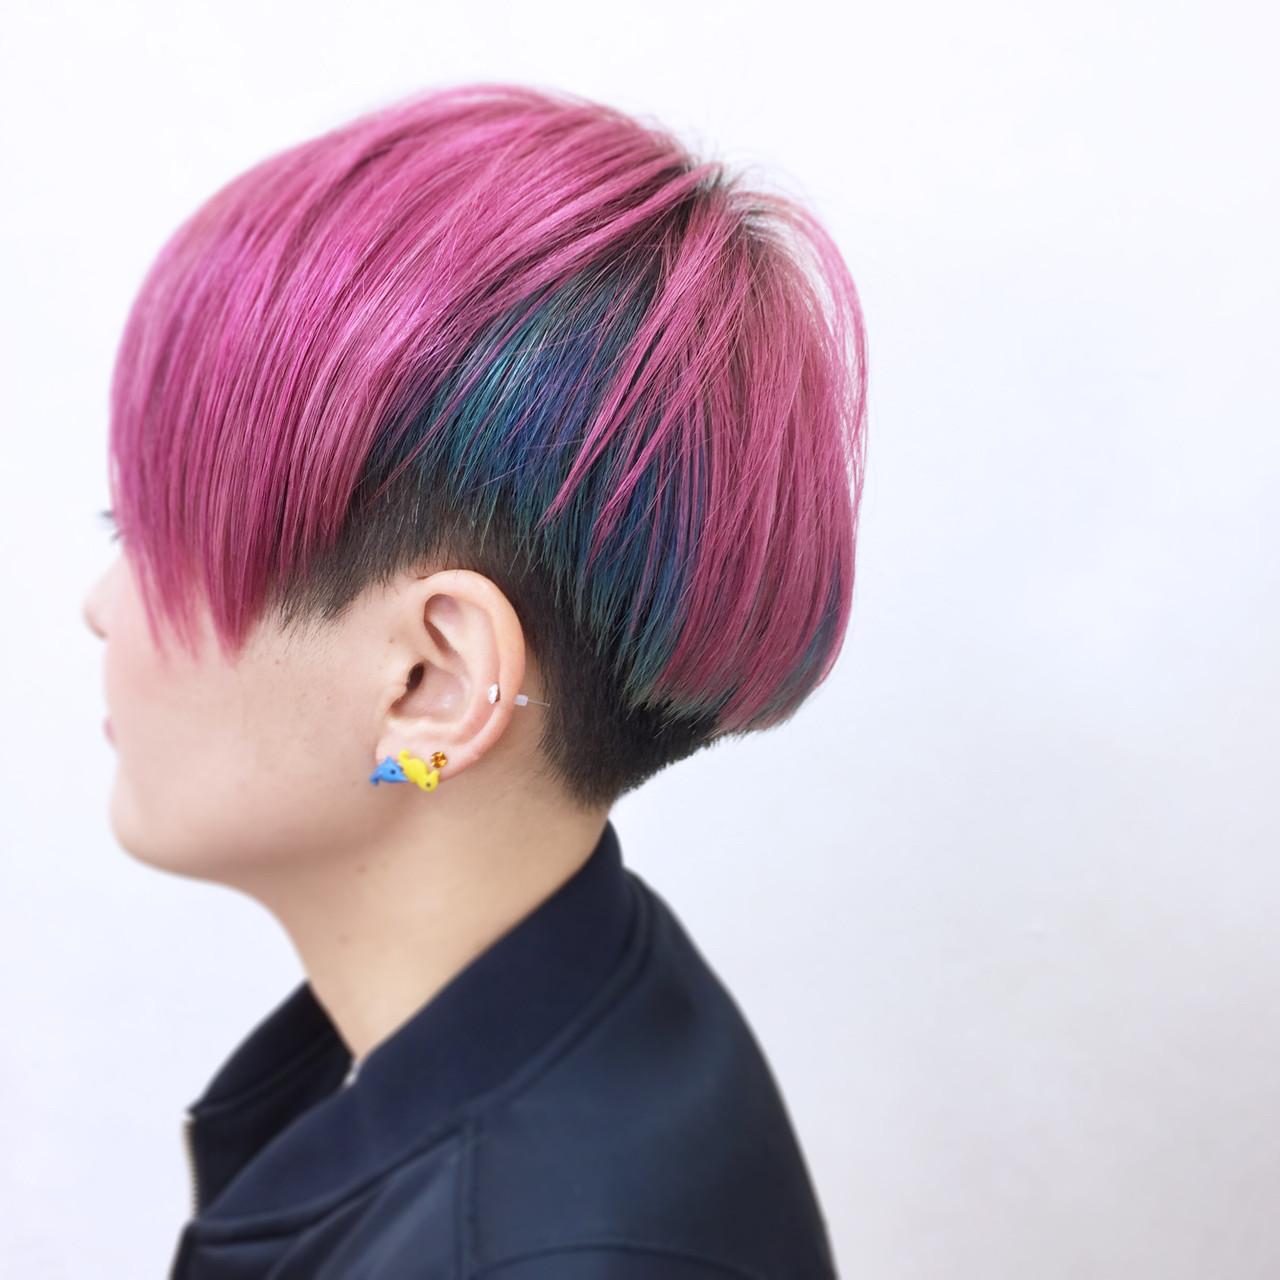 インナーカラー モード ショート ハイトーン ヘアスタイルや髪型の写真・画像